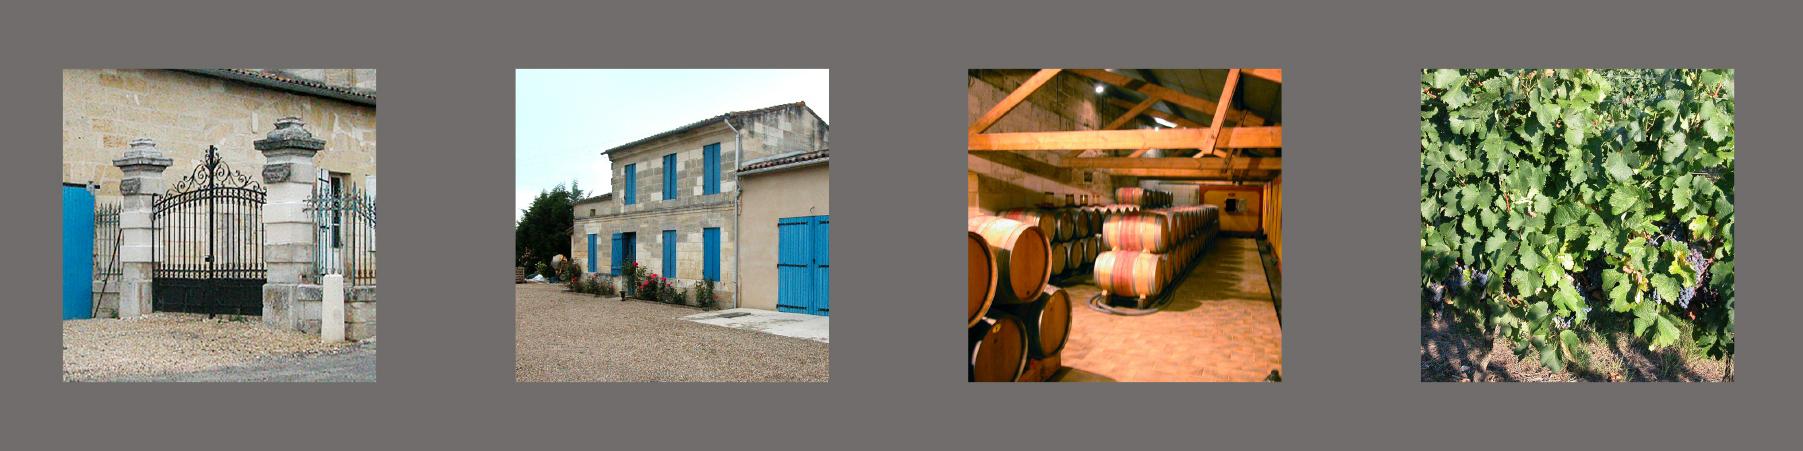 Chateau-Tour-Chaigneau-Lalande-de-Pomerol